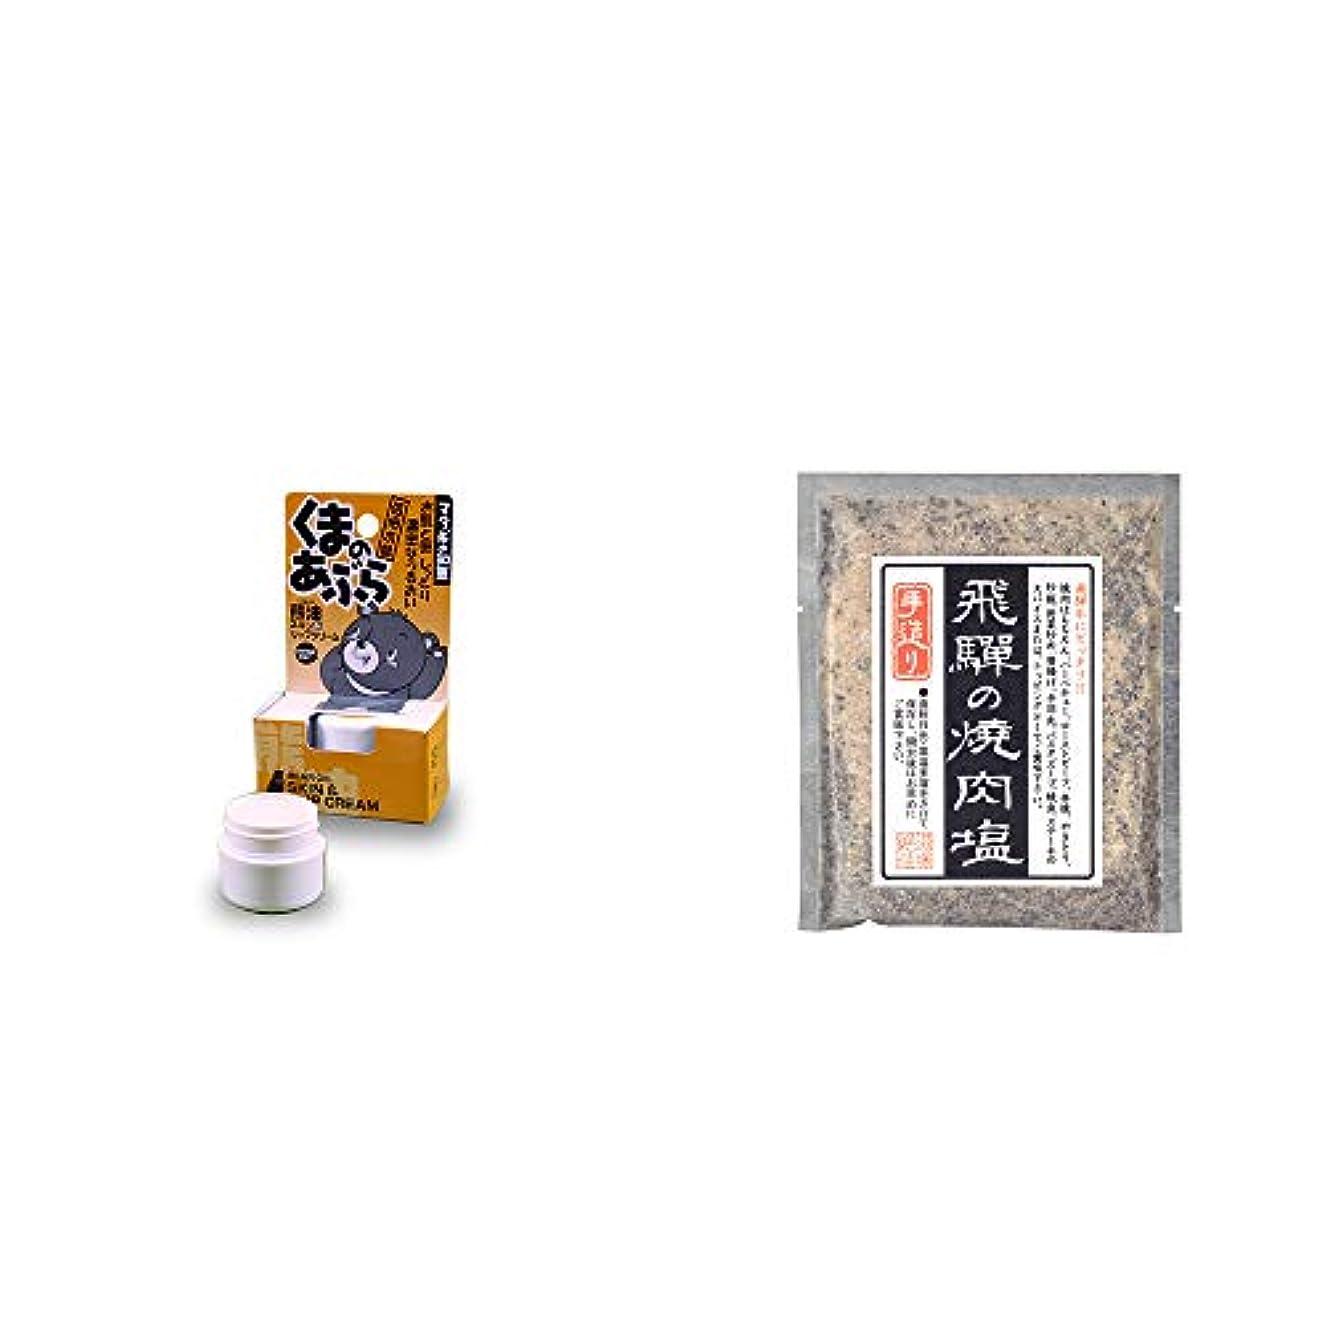 [2点セット] 信州木曽 くまのあぶら 熊油スキン&リップクリーム(9g)?手造り 飛騨の焼肉塩(80g)